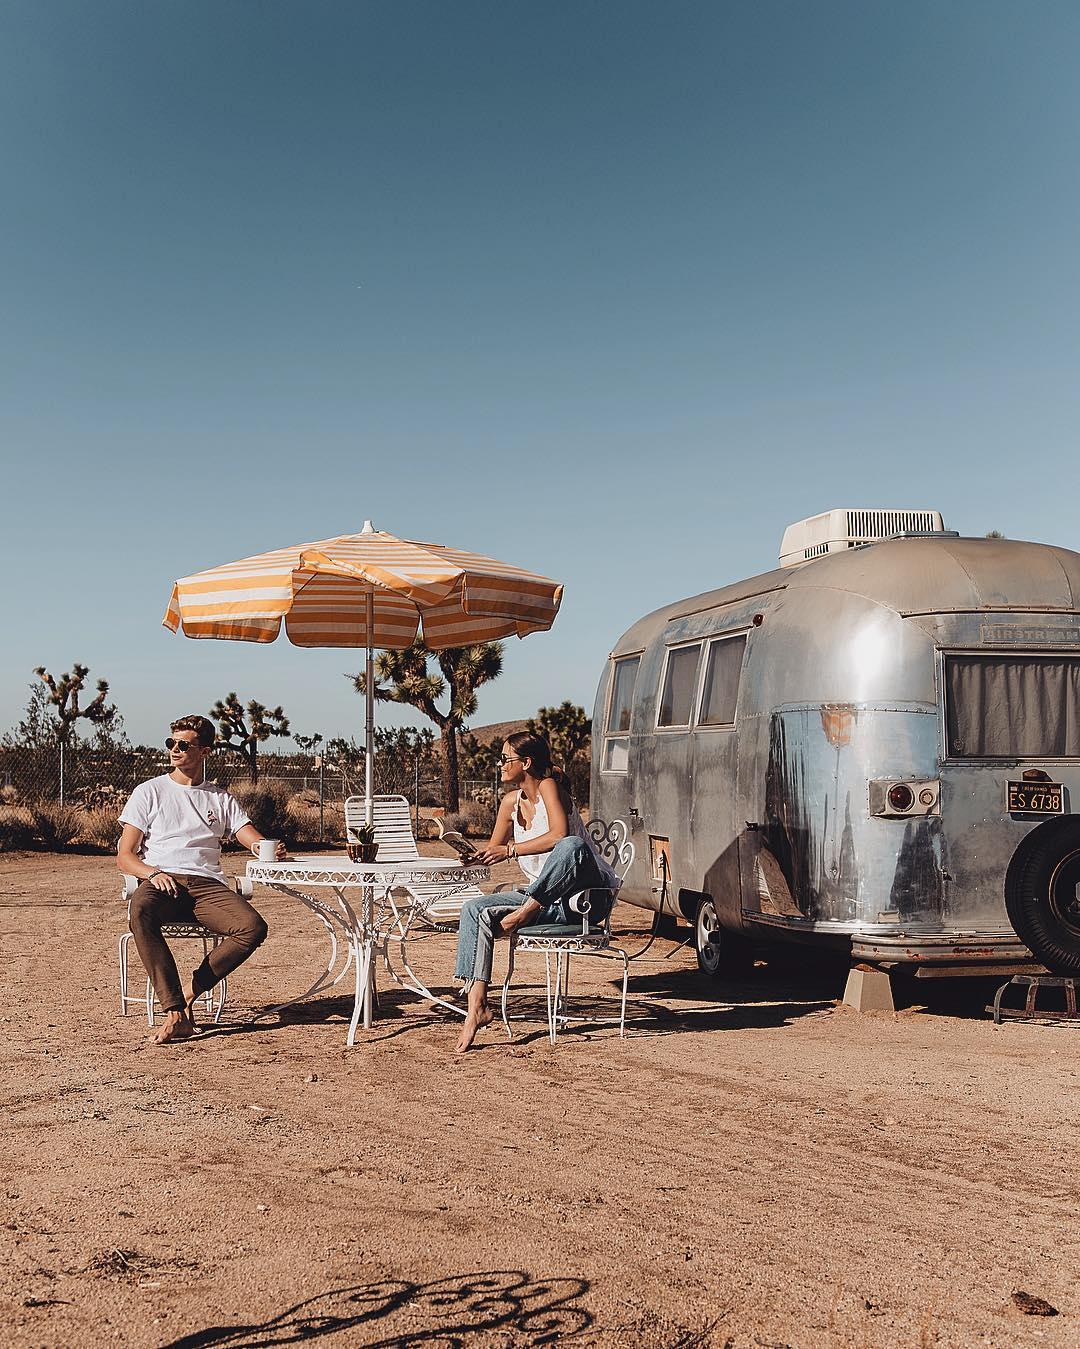 浪漫的野外露营 帐篷酒店约书亚树英亩